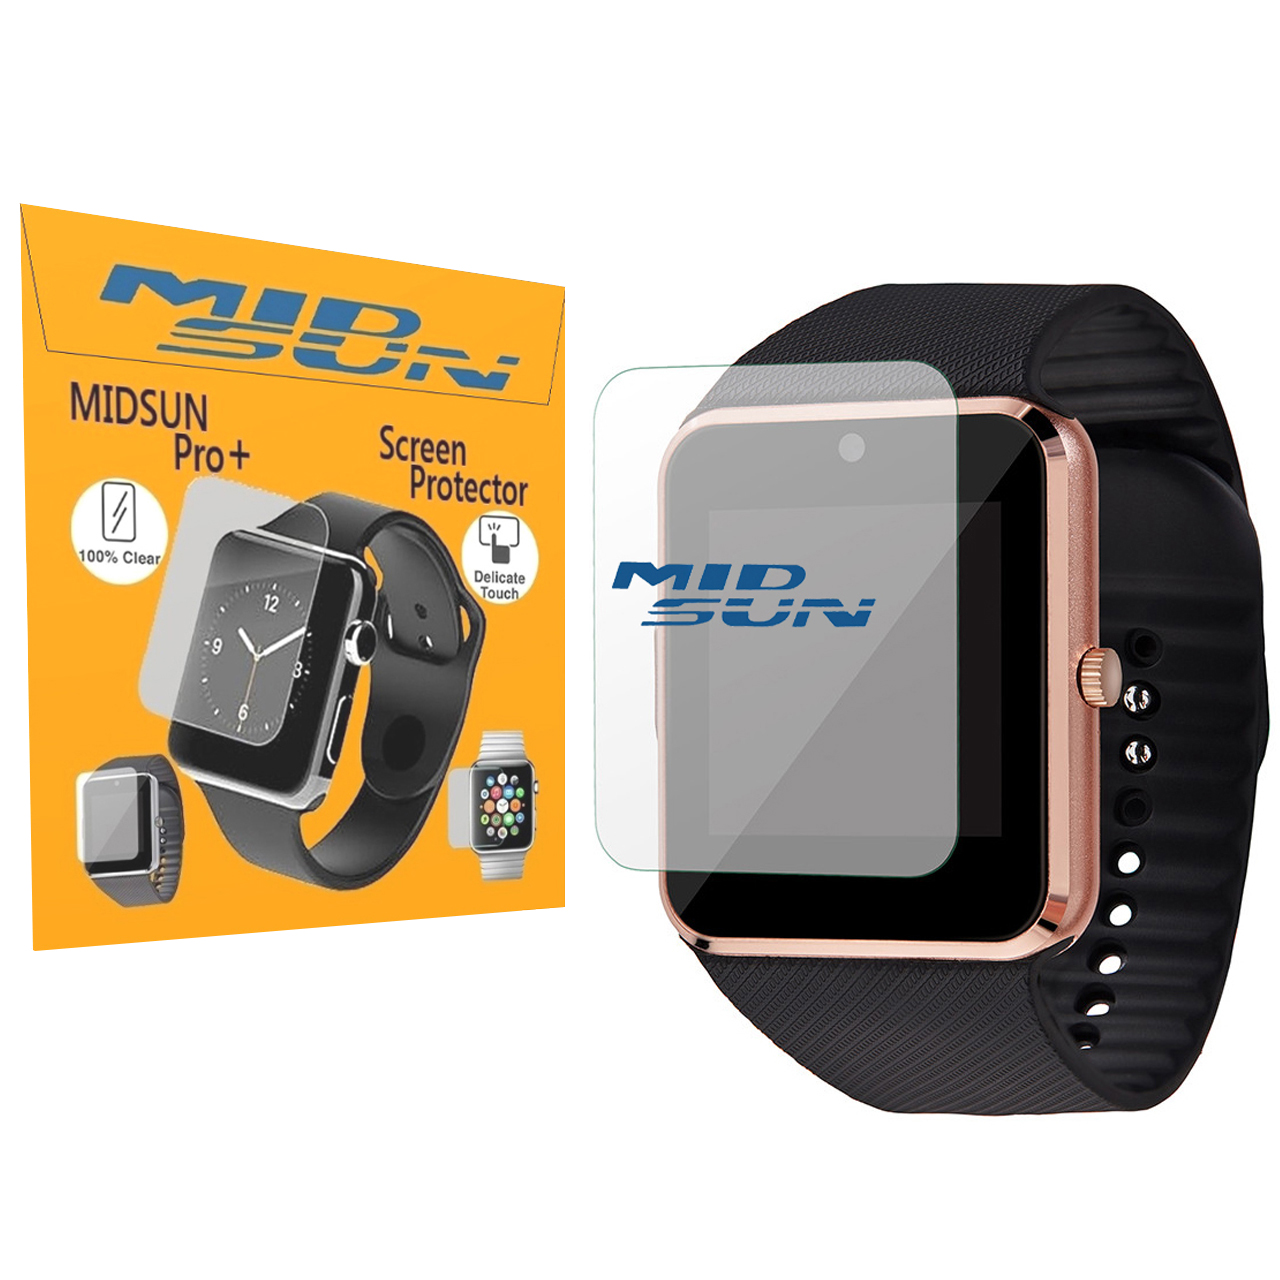 قیمت محافظ صفحه نمایش ساعت هوشمند میدسان مدل +Pro